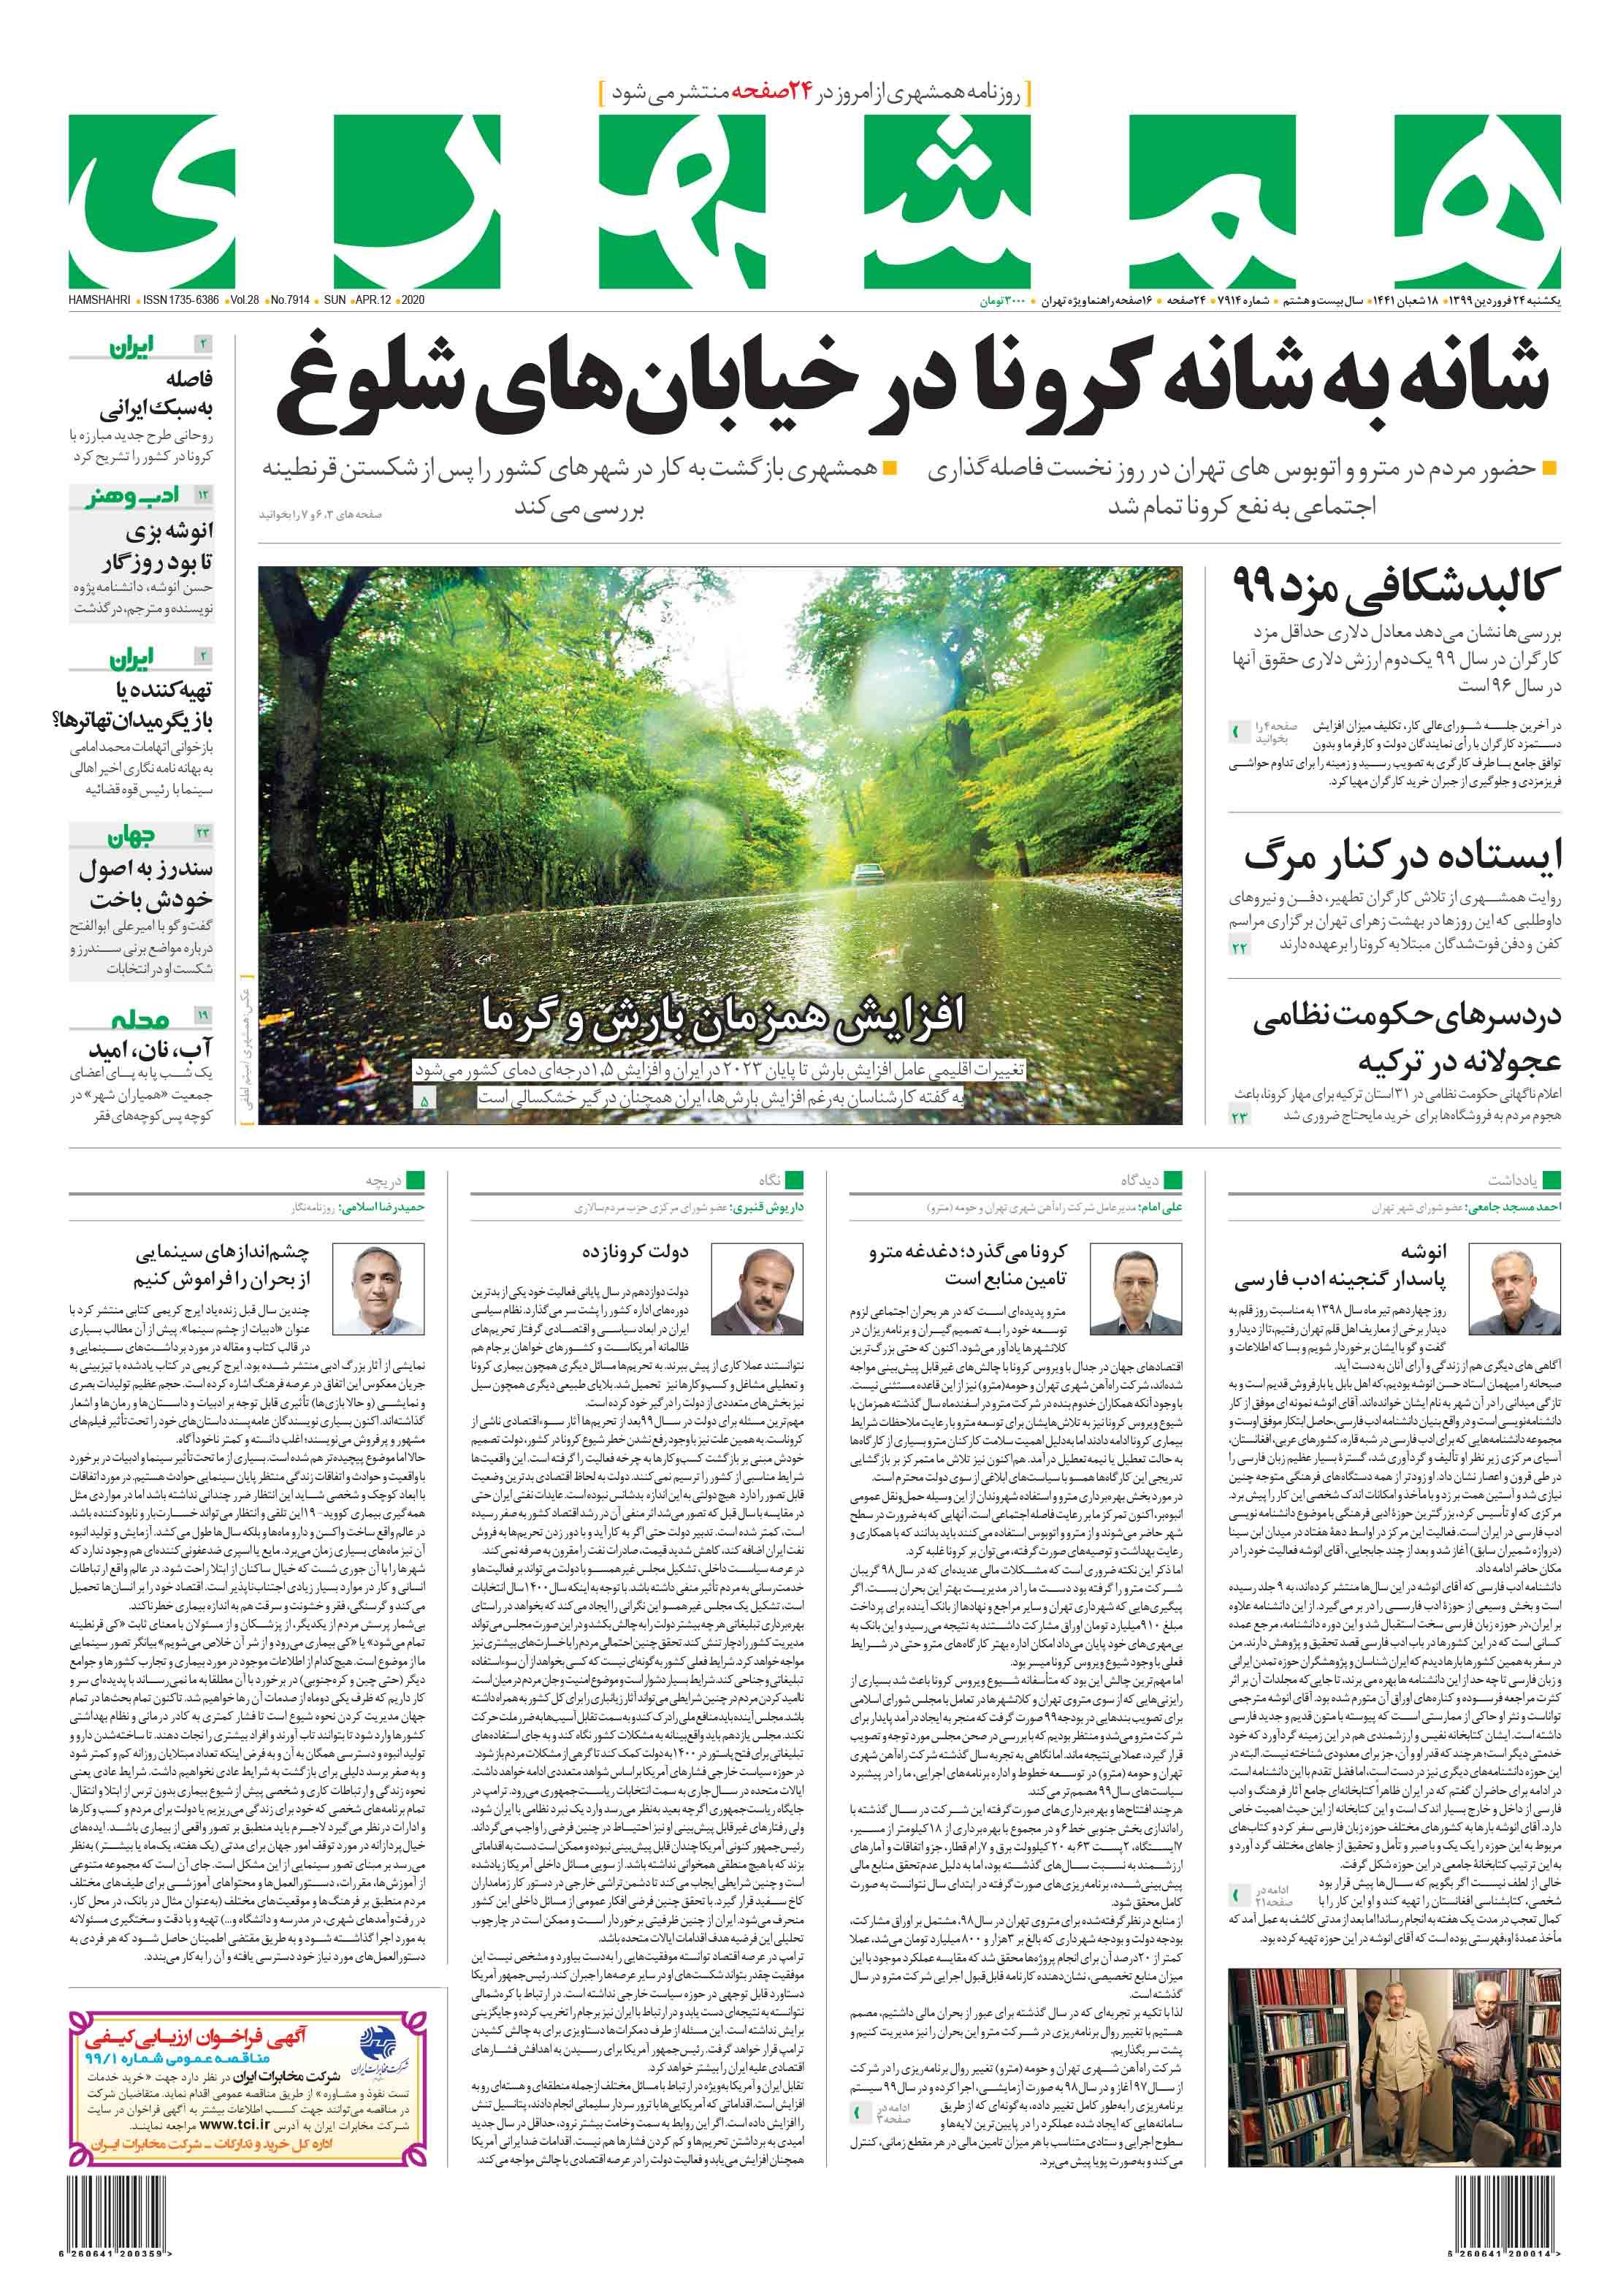 صفحه اول یکشنبه 24 فروردین 1399